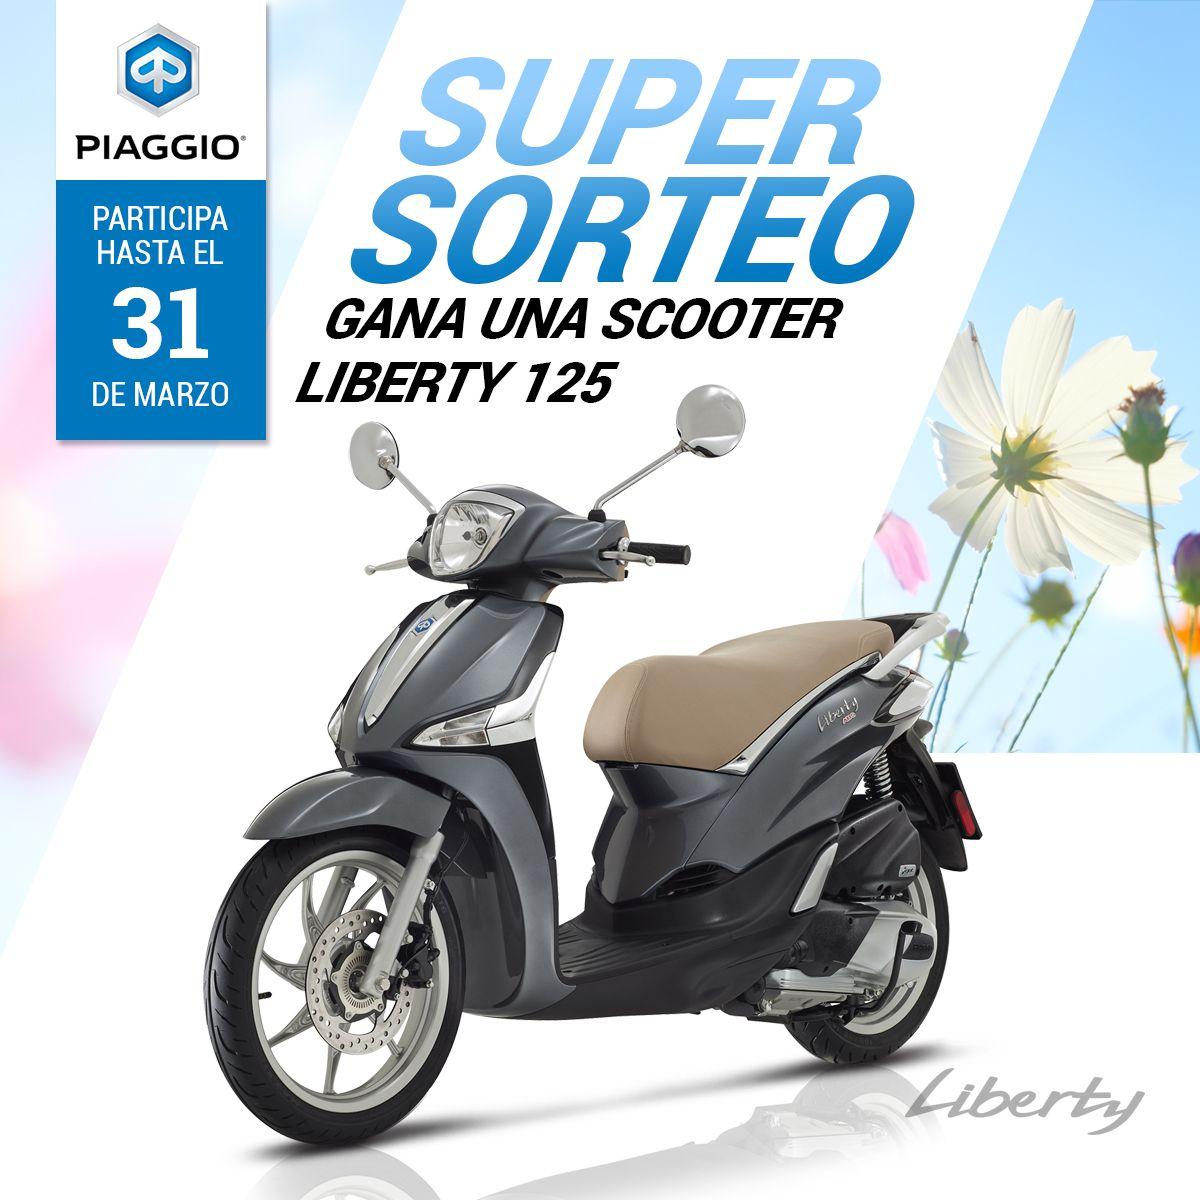 Fotografia Sorteo de una scooter Piaggio Liberty 125